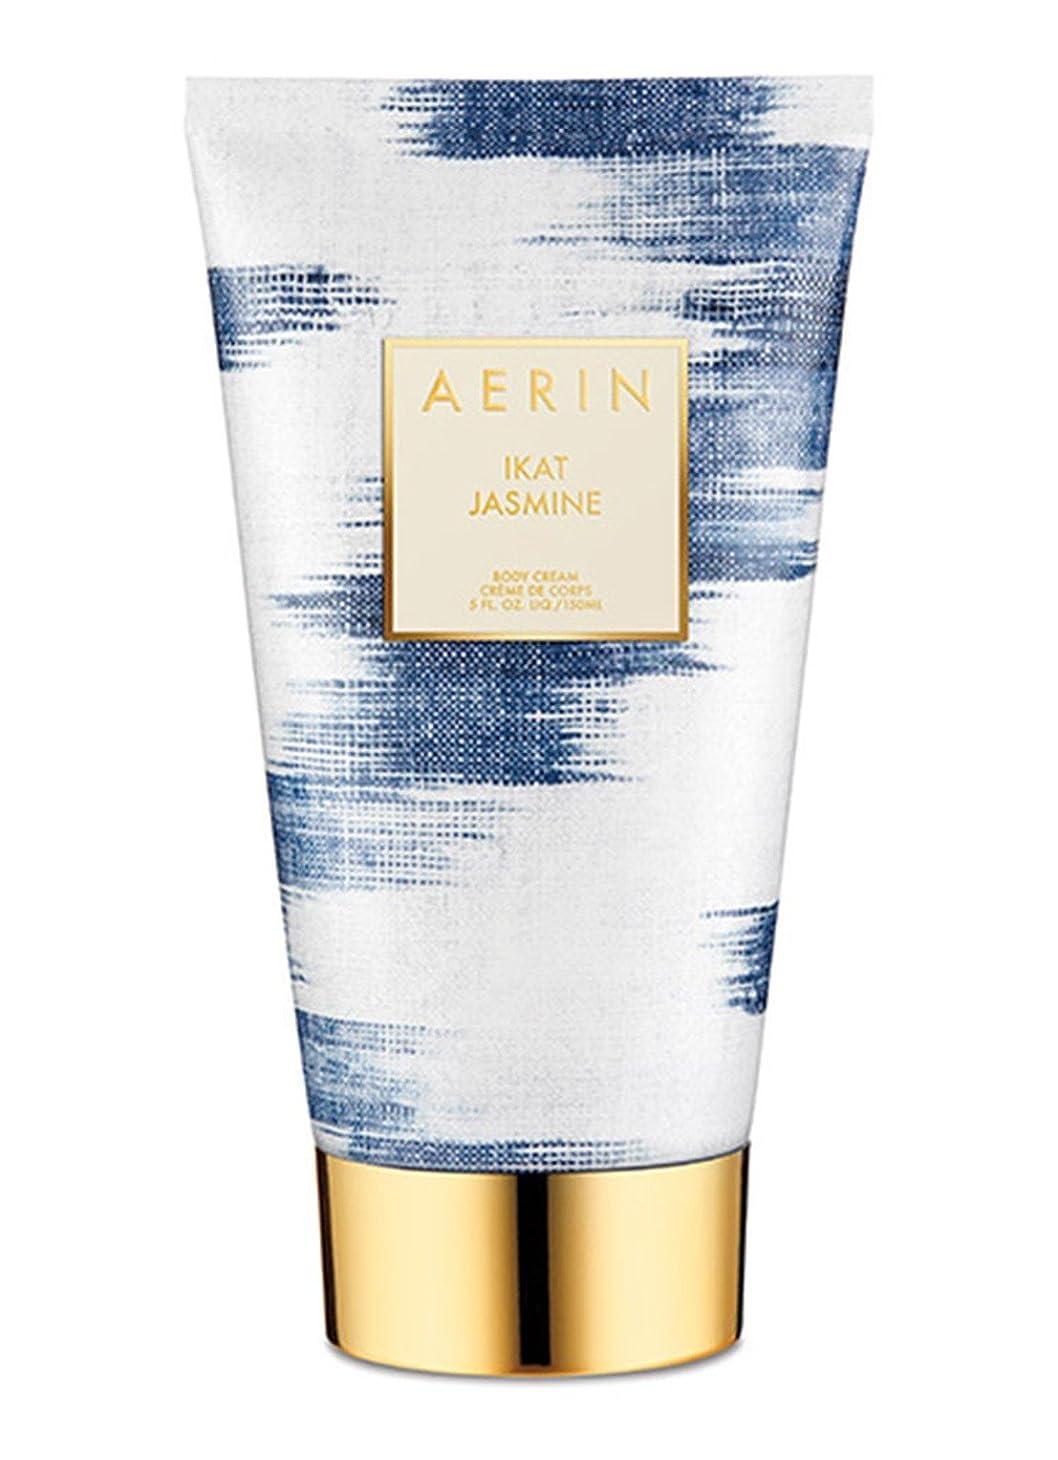 昆虫を見る格差デッキAERIN 'Ikat Jasmine' (アエリン イカ ジャスミン) 5.0 oz (150ml) Body Cream by Estee Lauder for Women